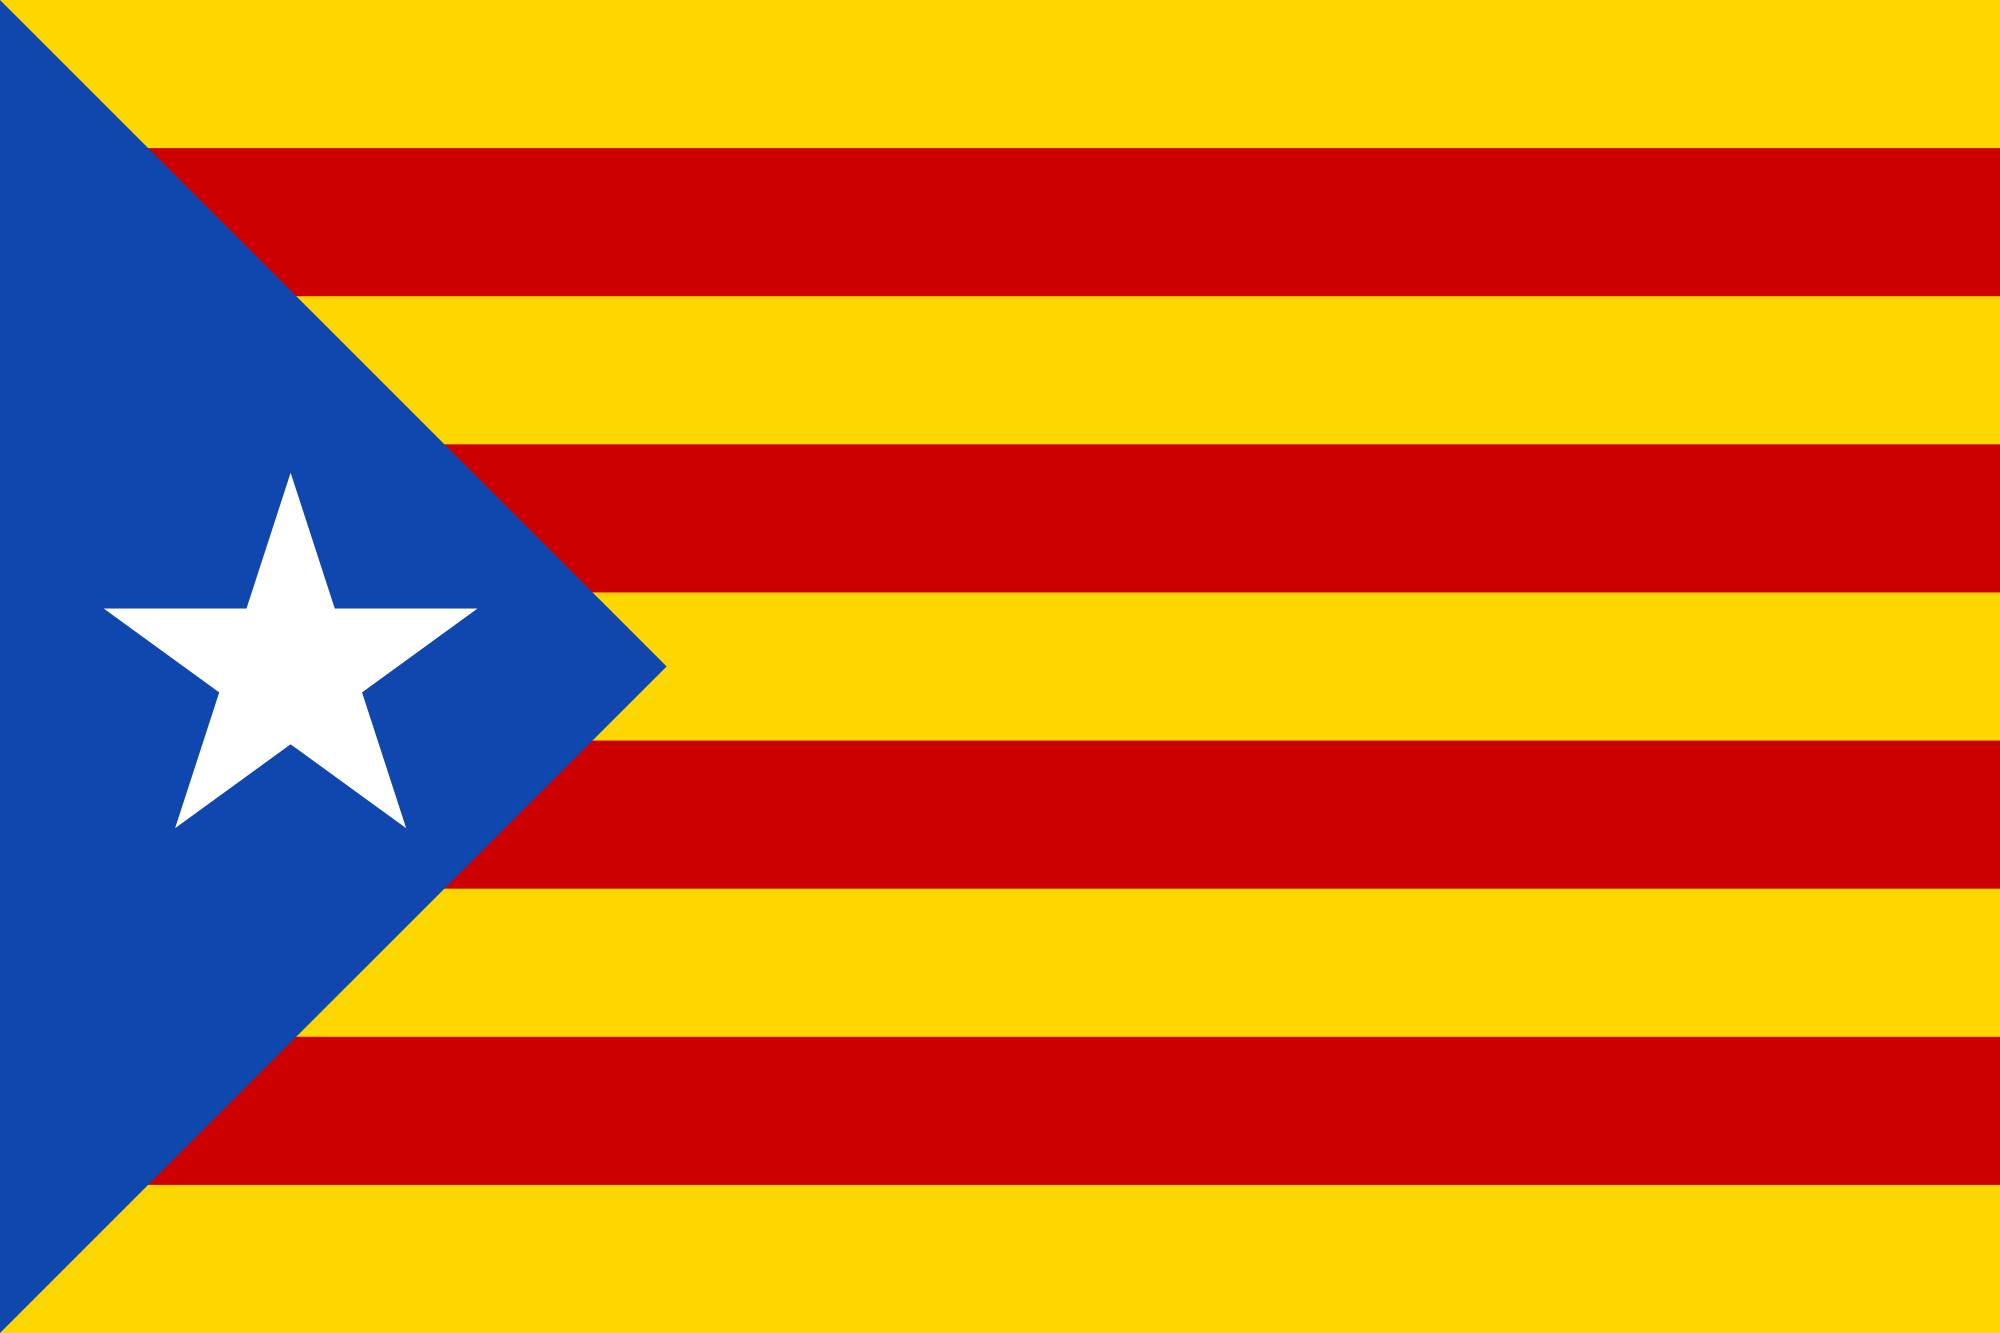 Partidos de fútbol, políticos y símbolos identitarios